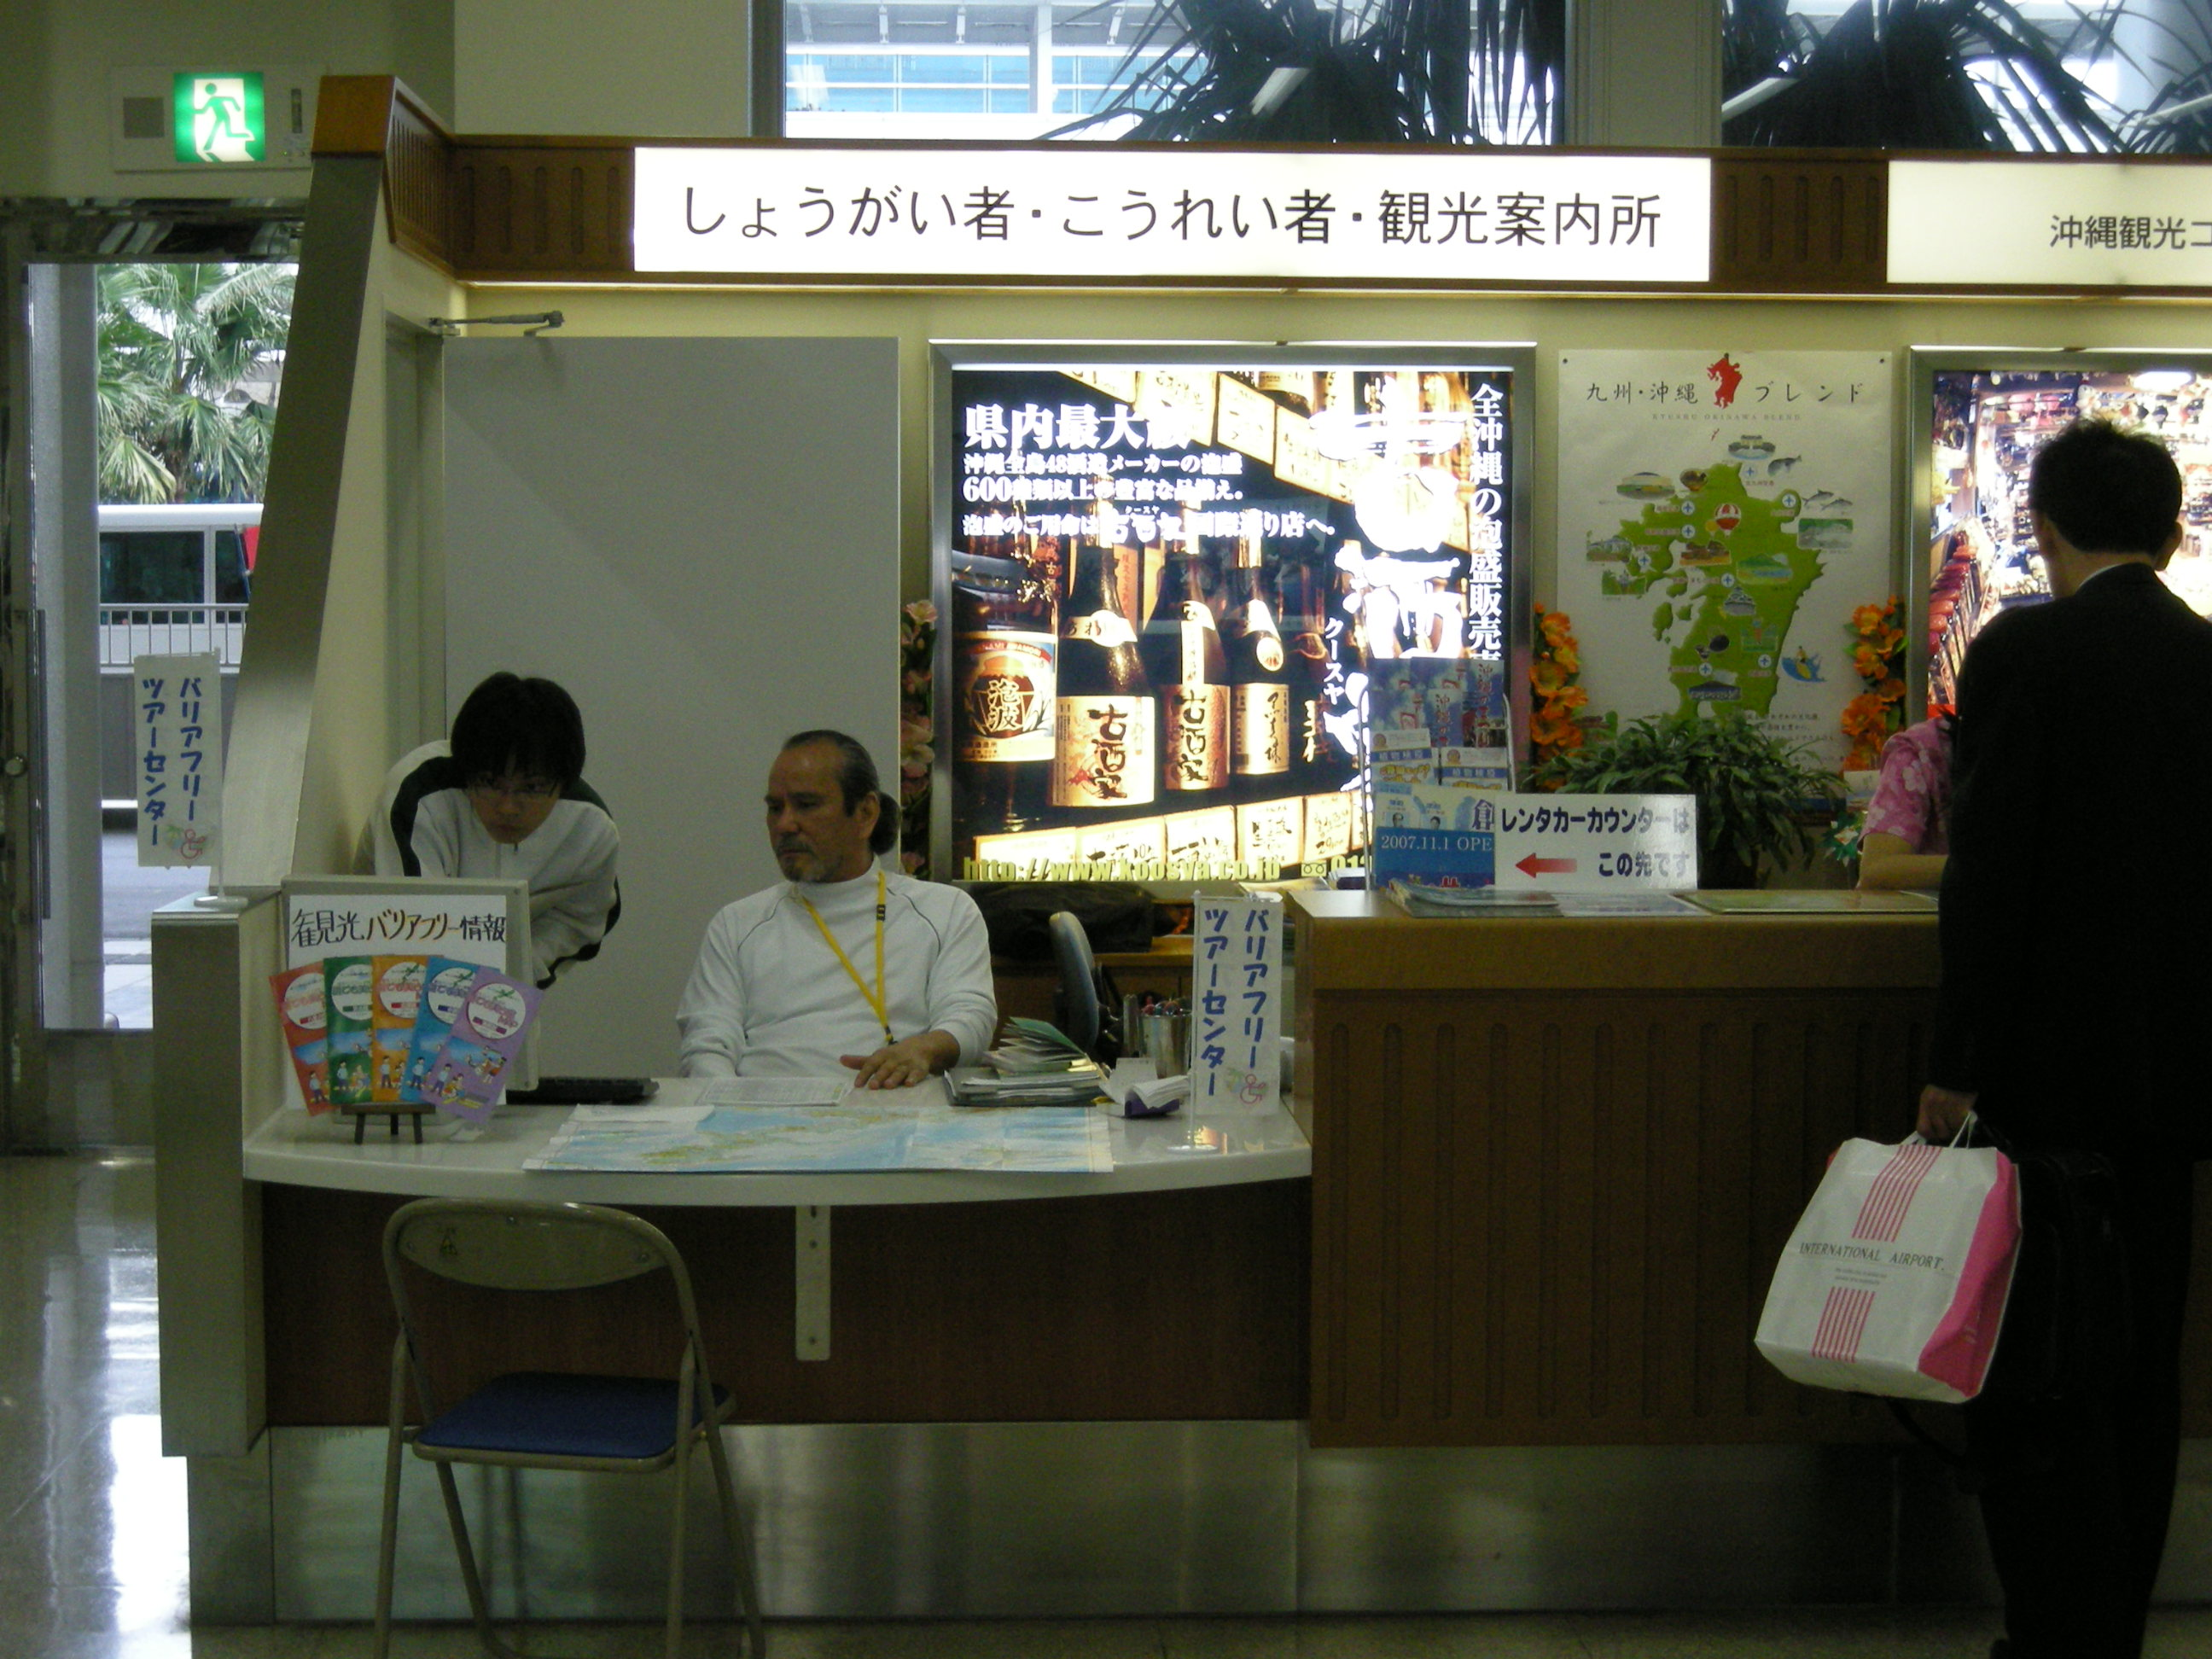 沖縄バリアフリーツアーセンター(空港内